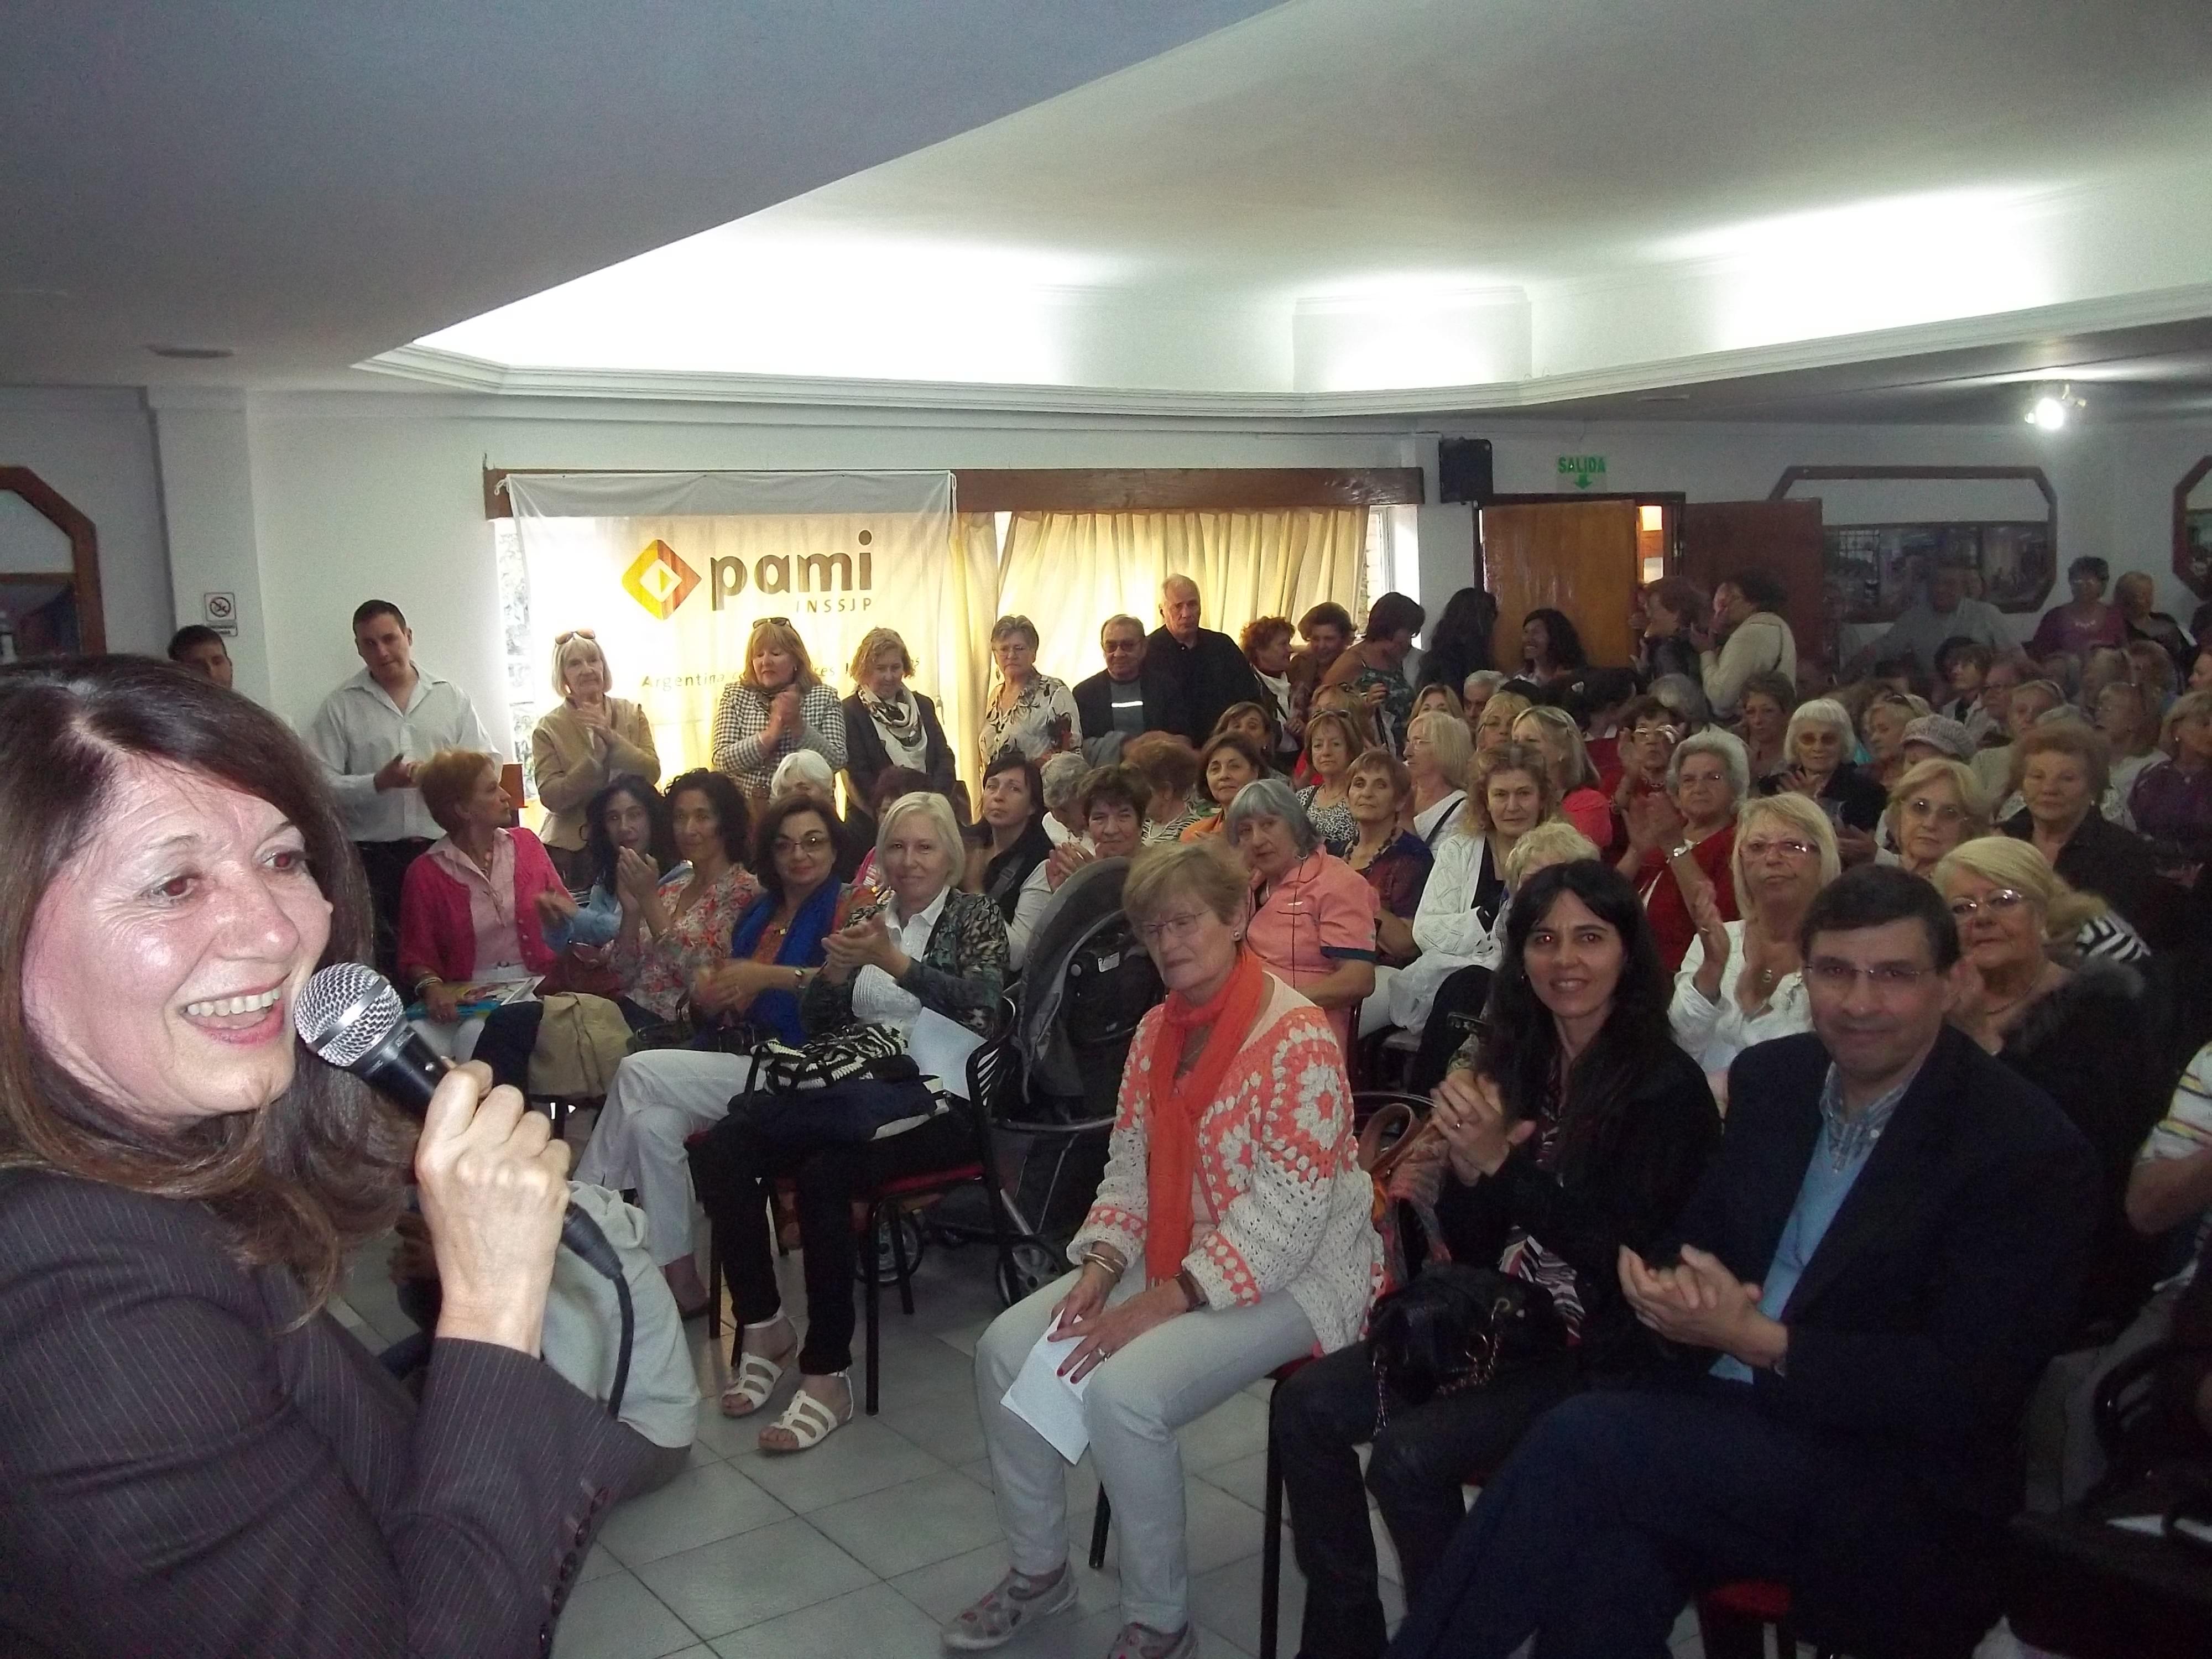 Se realizó el acto de fin de cursos gratuitos de PAMI en la Universidad Atlántida Argentina